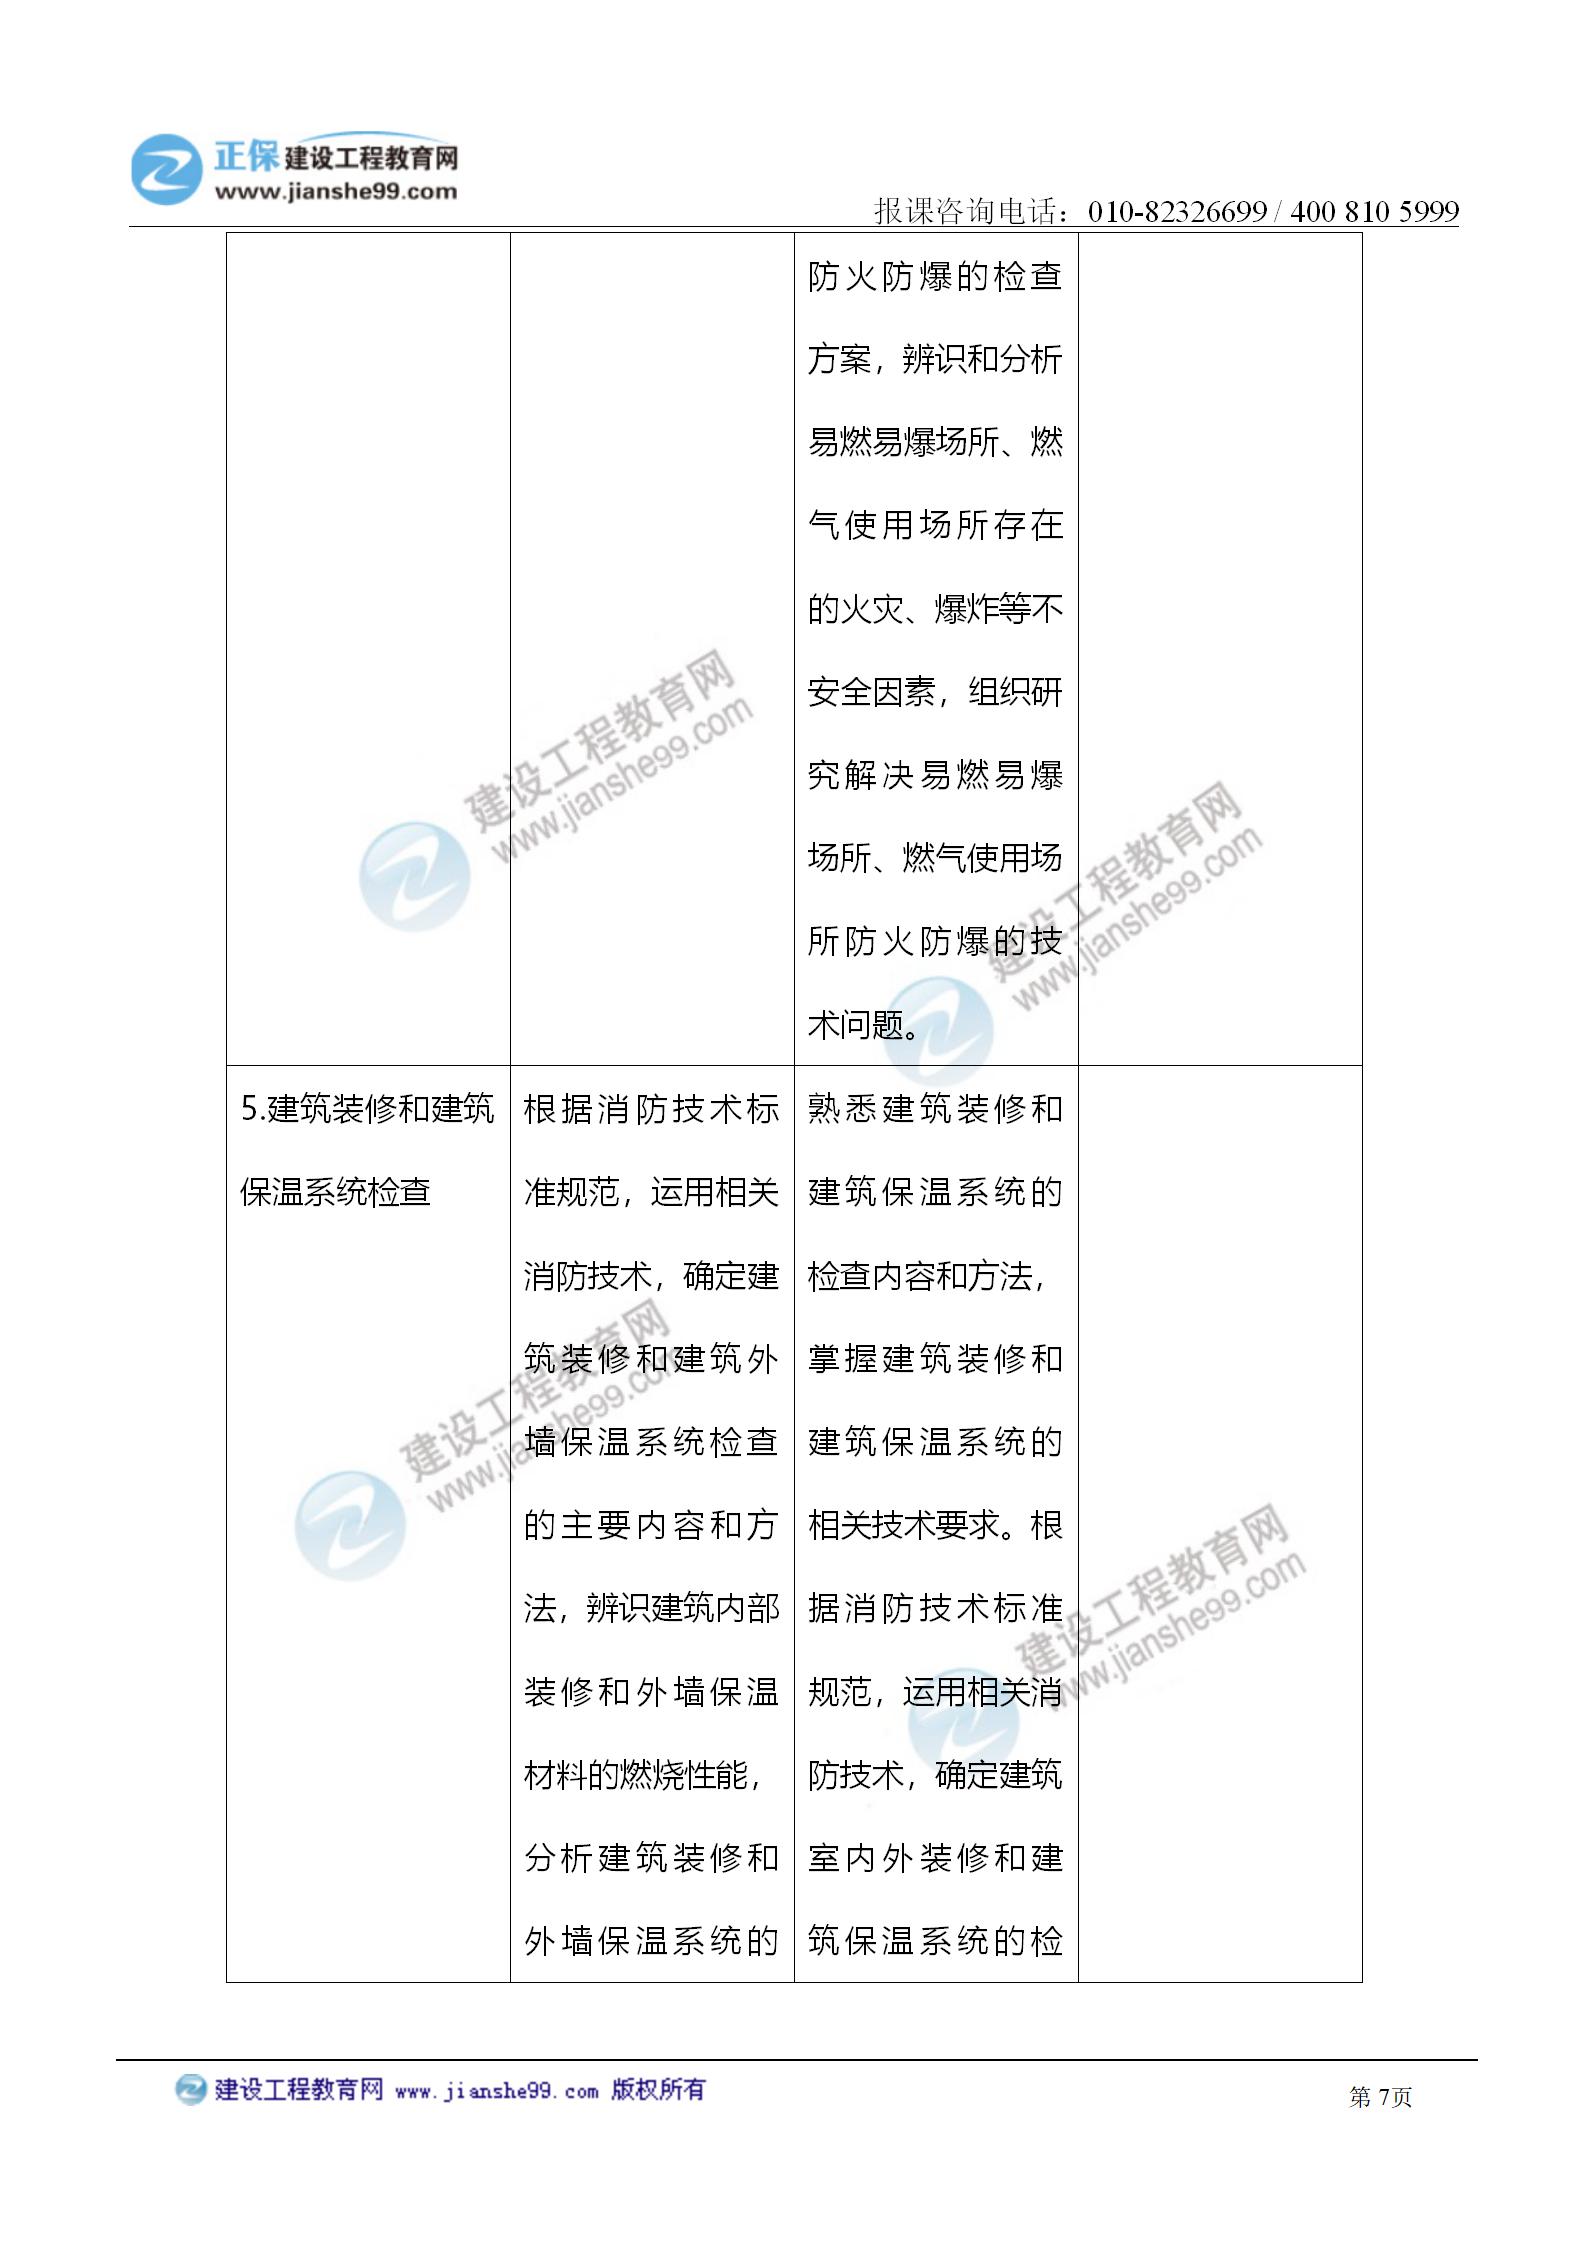 2021注册消防工程师《综合能力》考试大纲变化情况_07